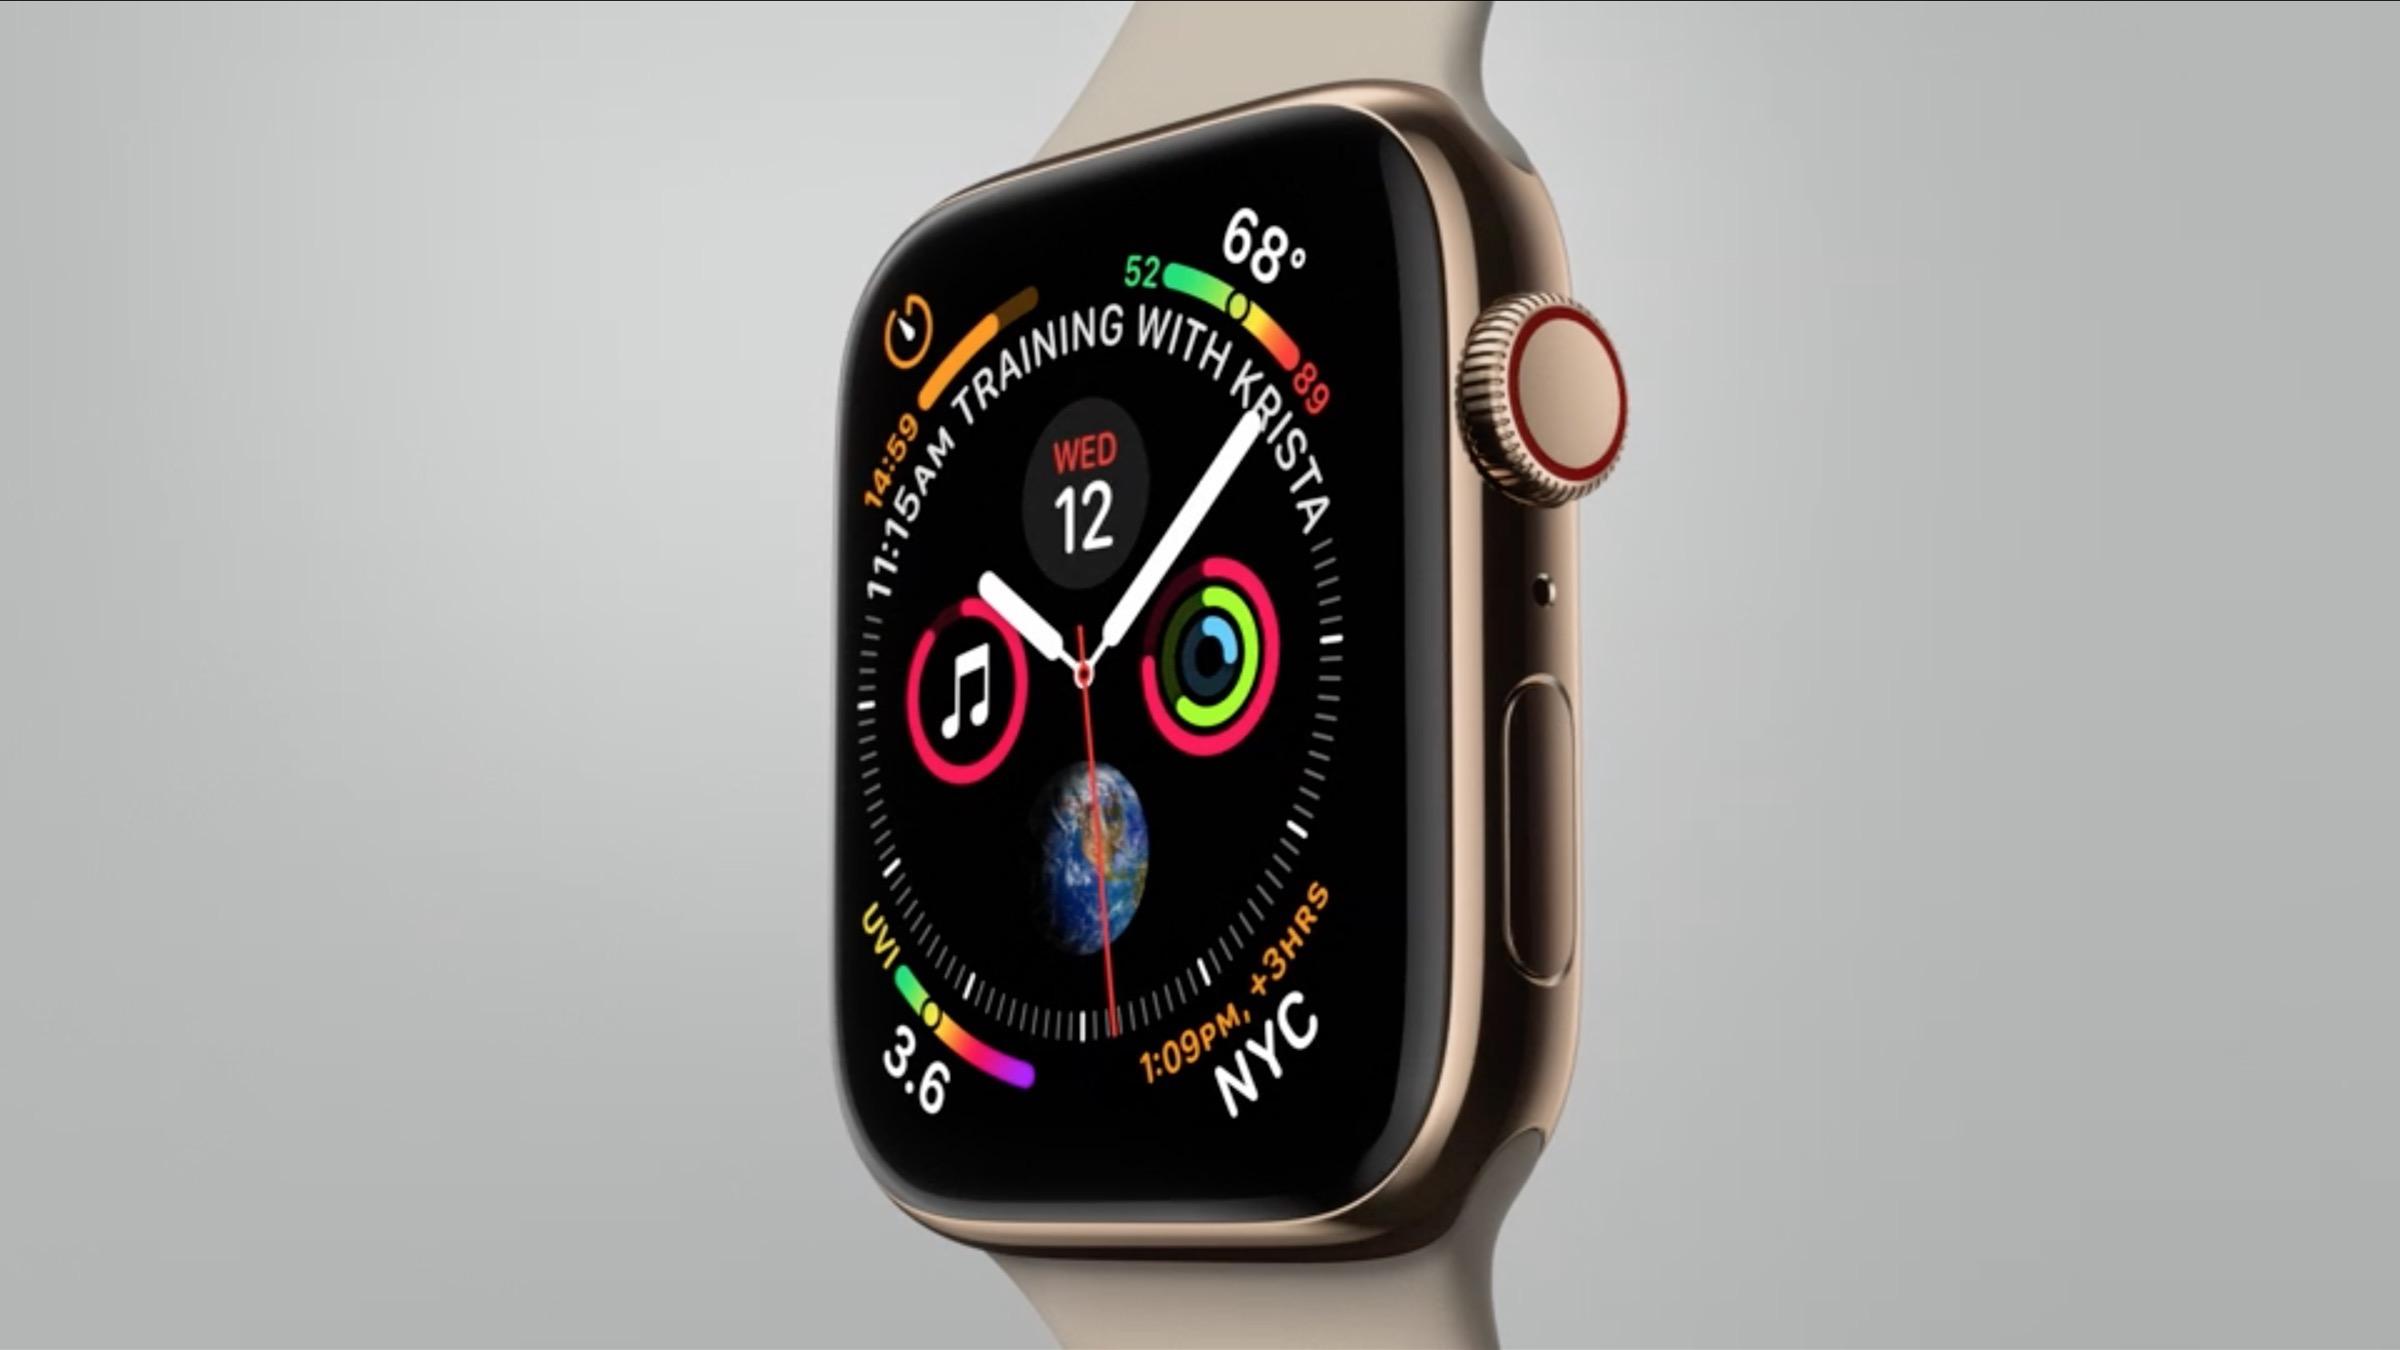 Apple Watch 4, en oferta a precio mínimo en Ebay por sólo 398€